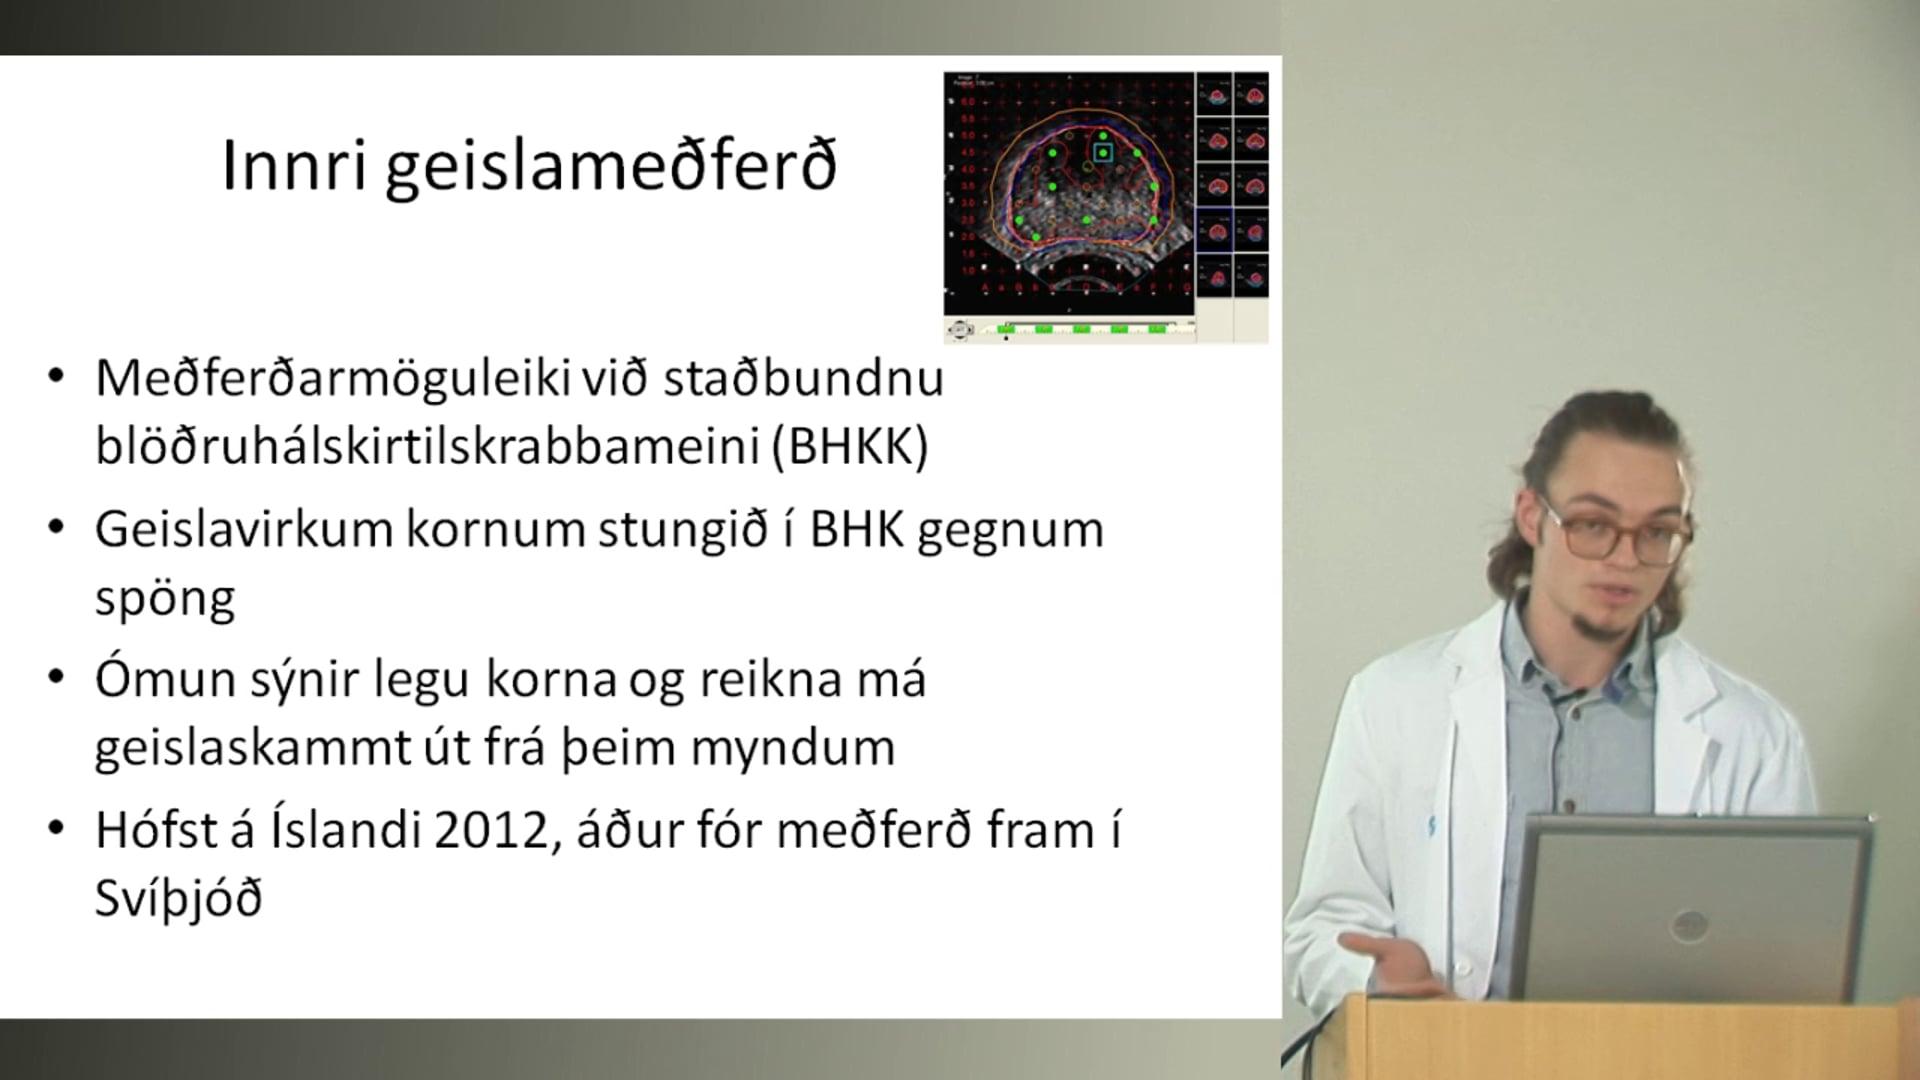 28 - Innri geislameðferð við blöðruhálskirtilskrabbameini á Íslandi